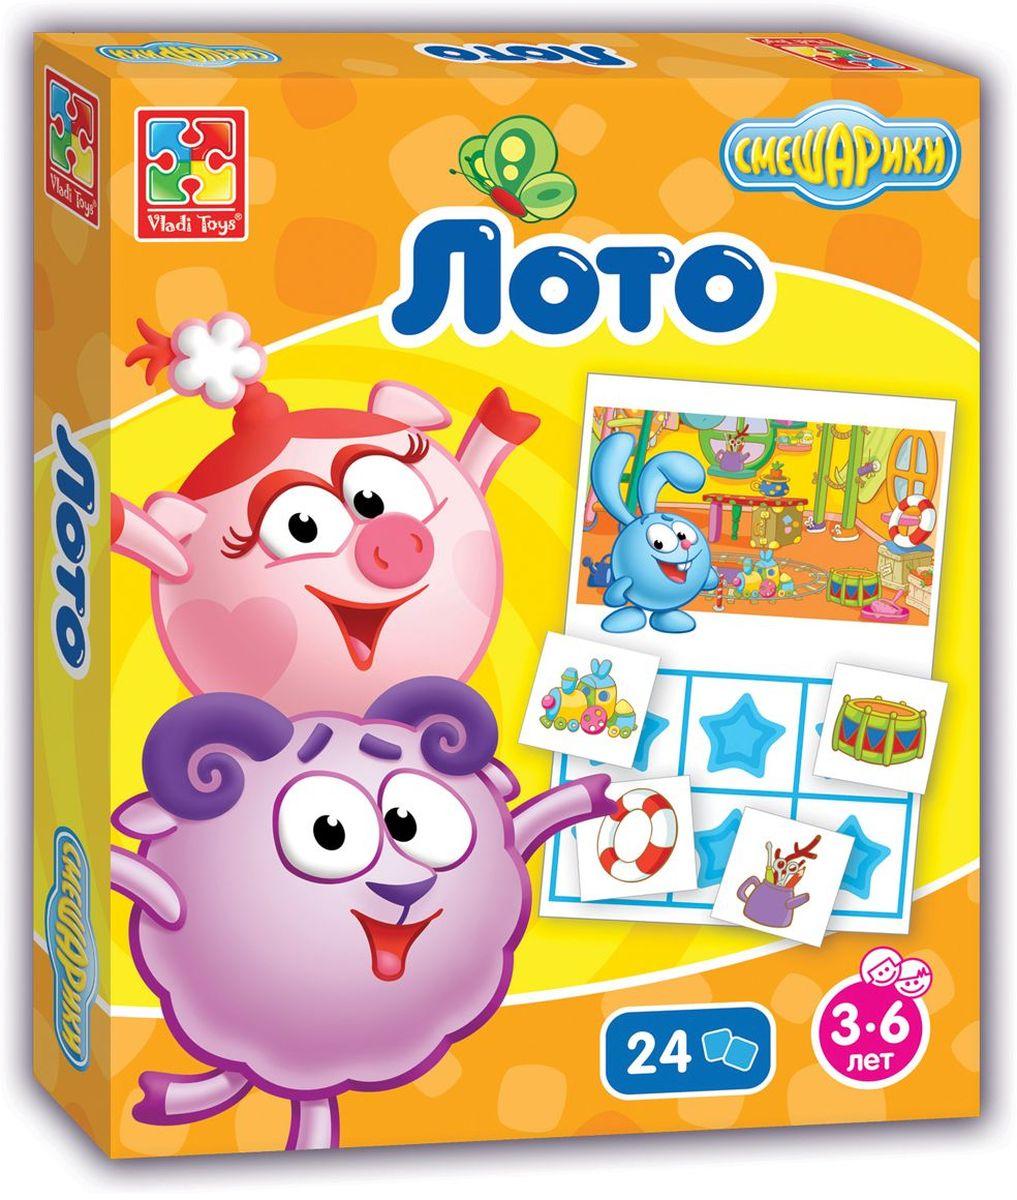 Vladi Toys Обучающая игра Смешарики VT2105-02VT2105-02Обучающая игра Vladi Toys Смешарики - веселая игра для семейного досуга. Правила такие же, как и в обычной игре Лото. В комплект входят 4 игровых поля и 24 игровых фишки. Количество игроков: от 2-х до 4-х.